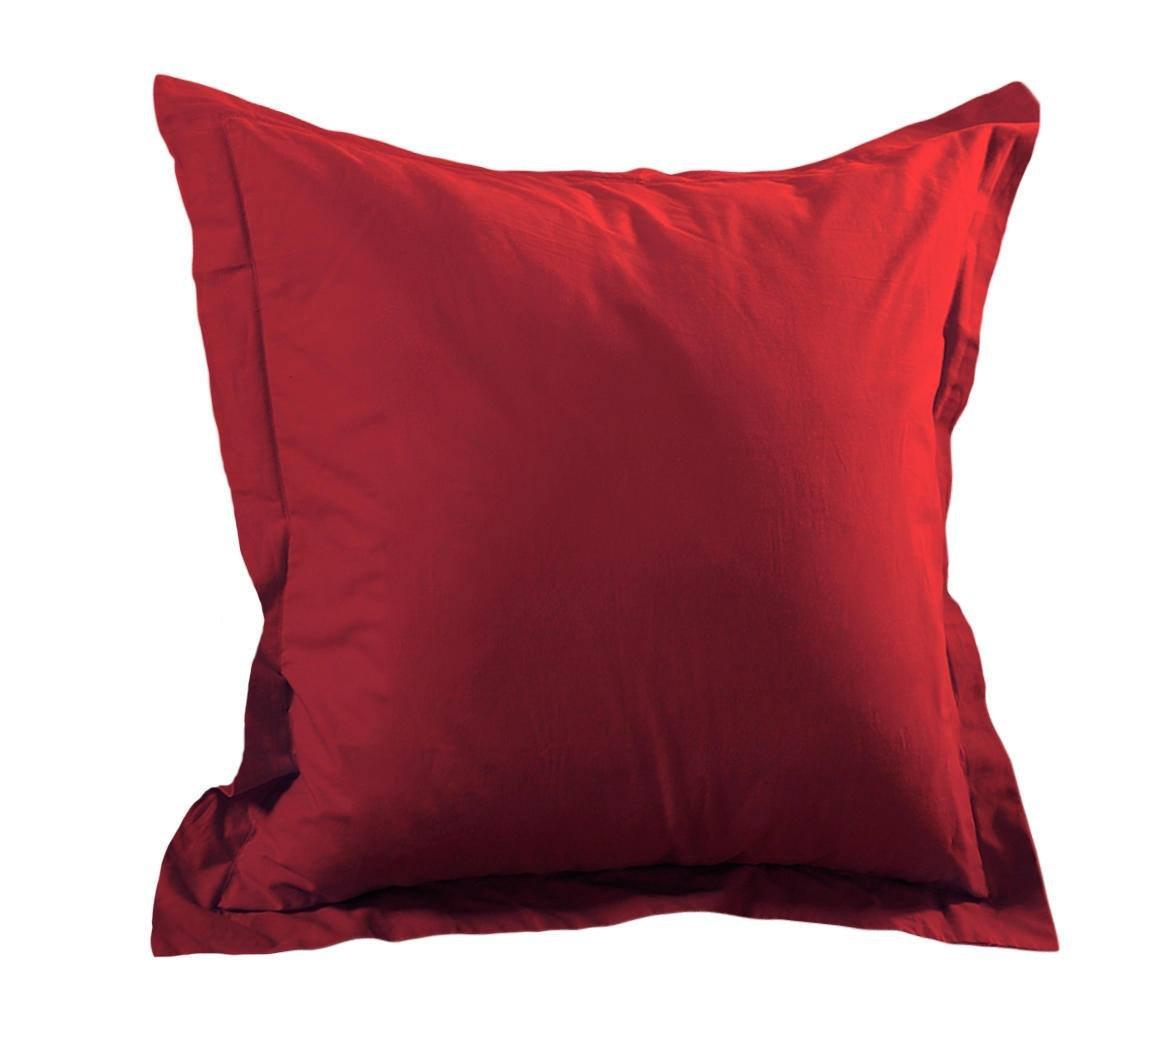 Lovely Casa t14820015Alicia Black Pillowcase Cotton Pillow Case 65x 65cm